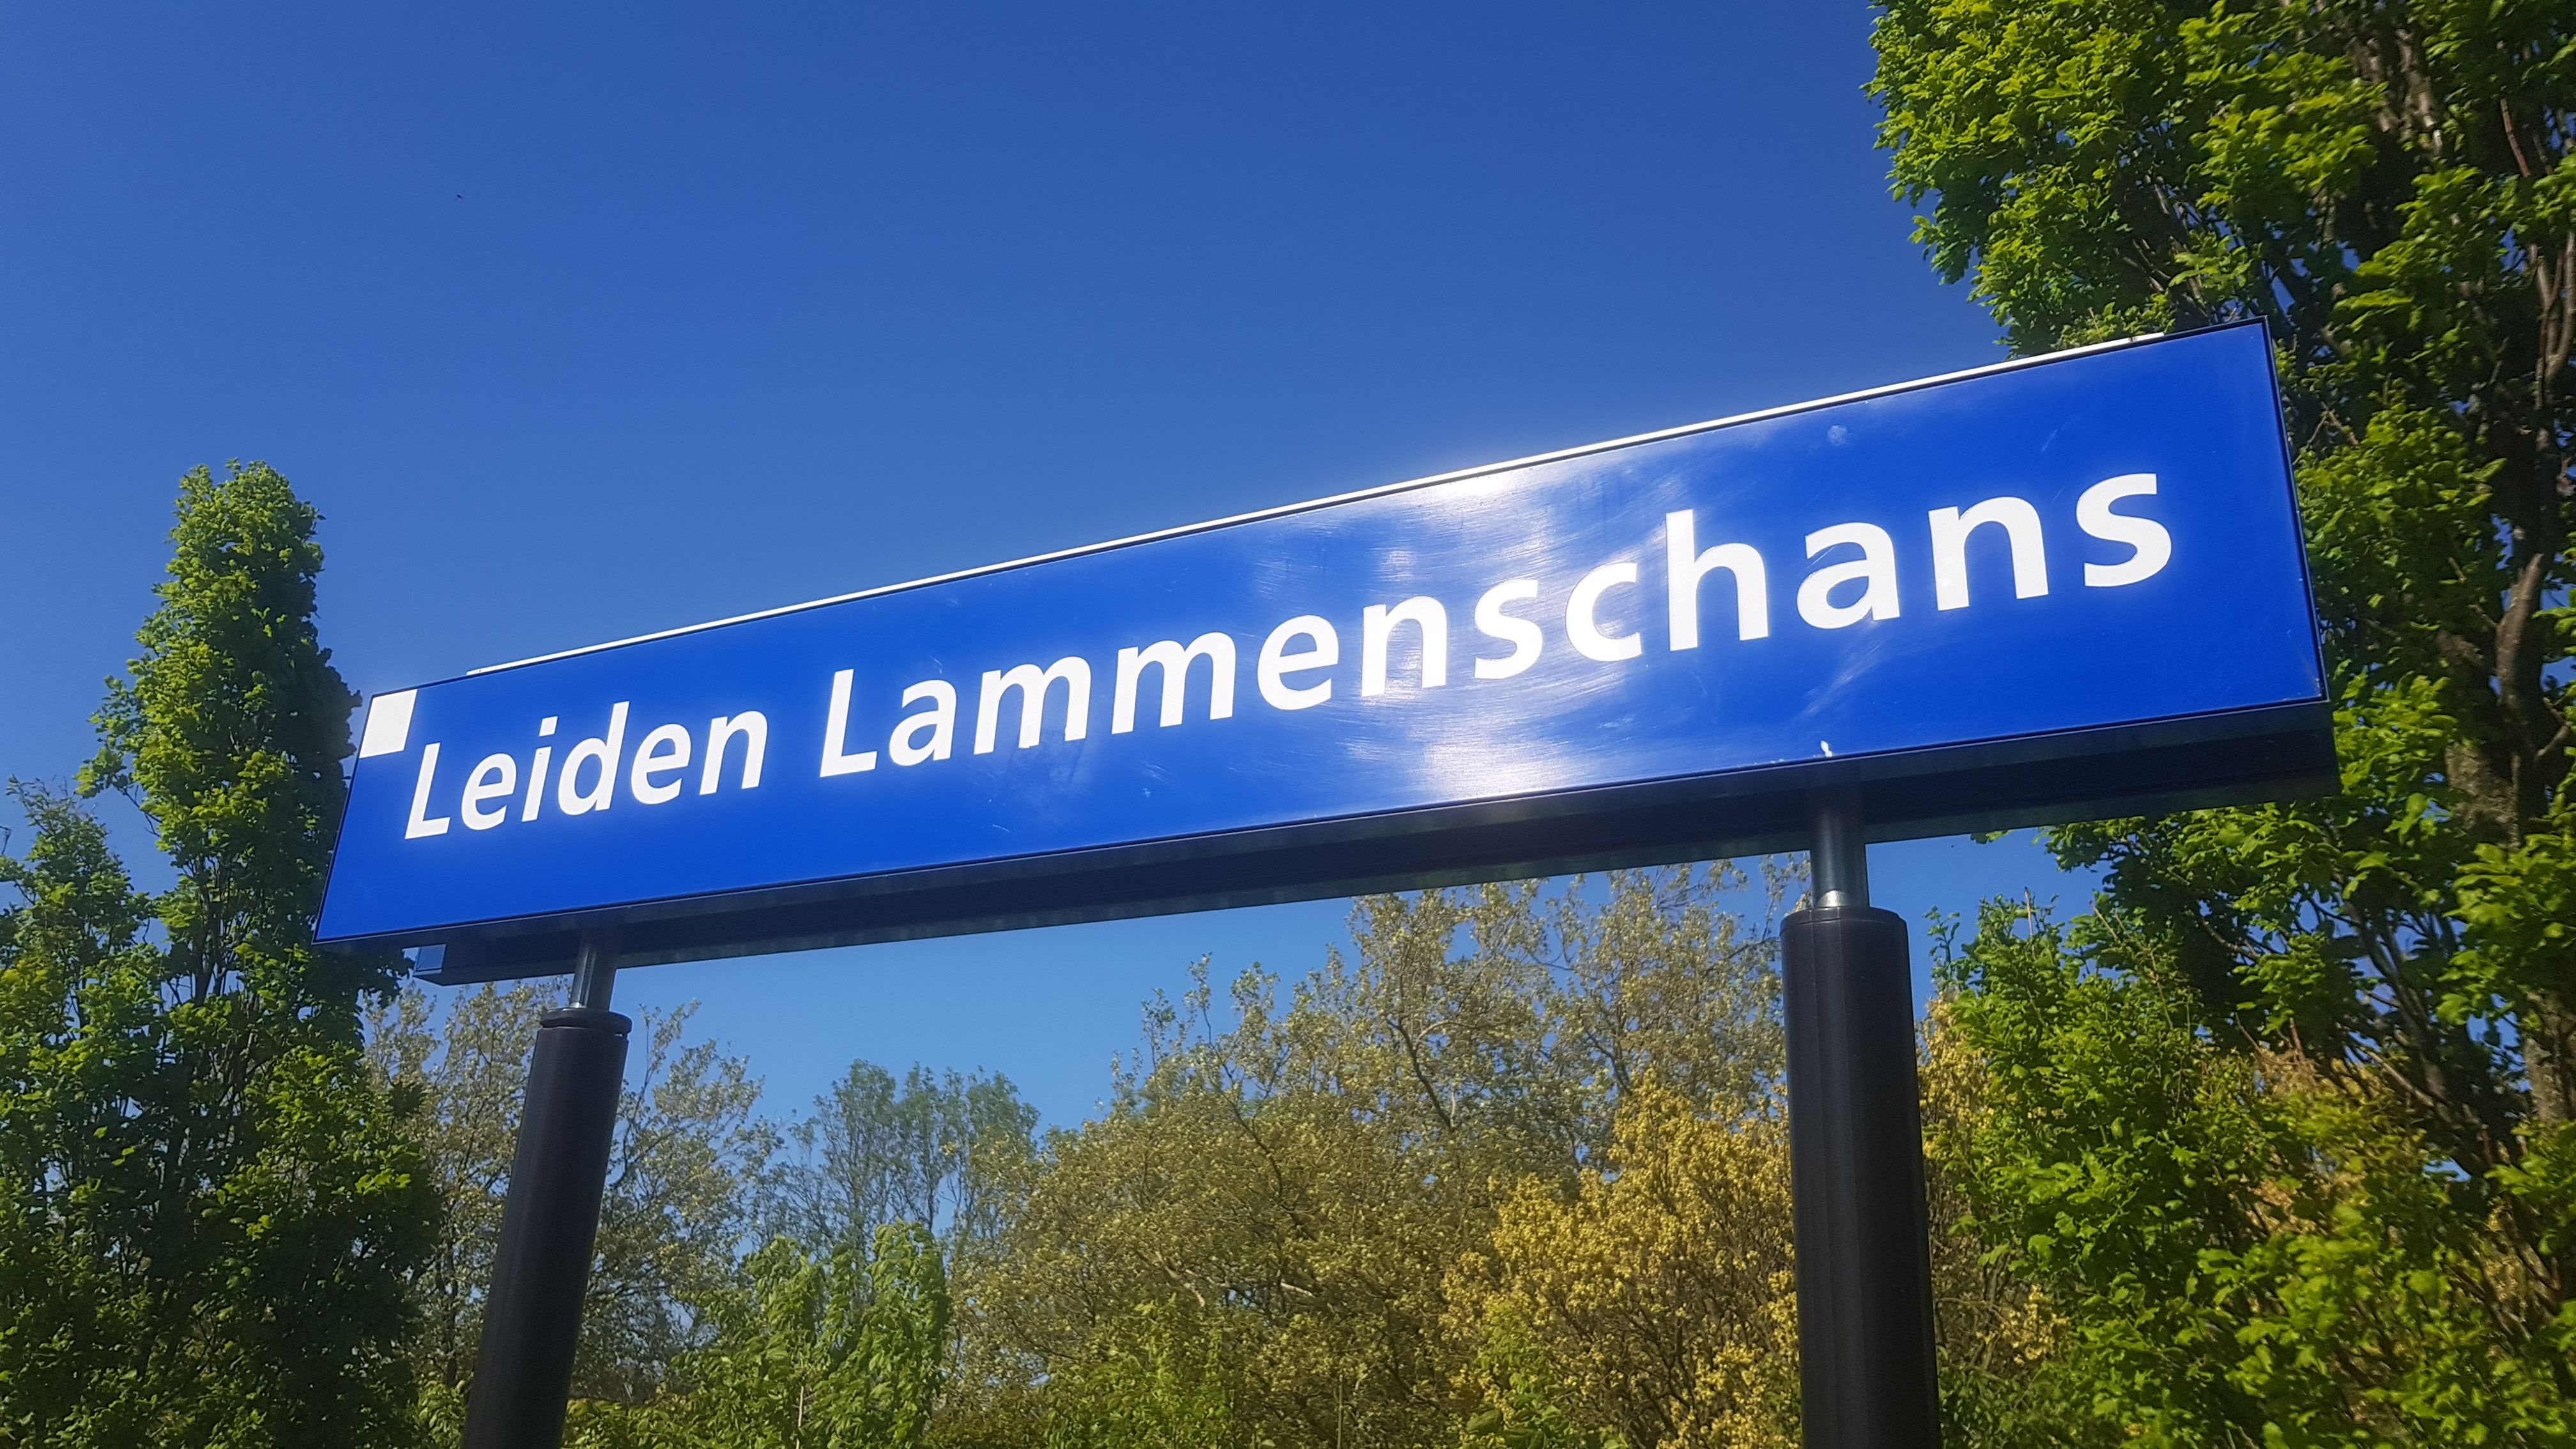 Leiden Lammenschans